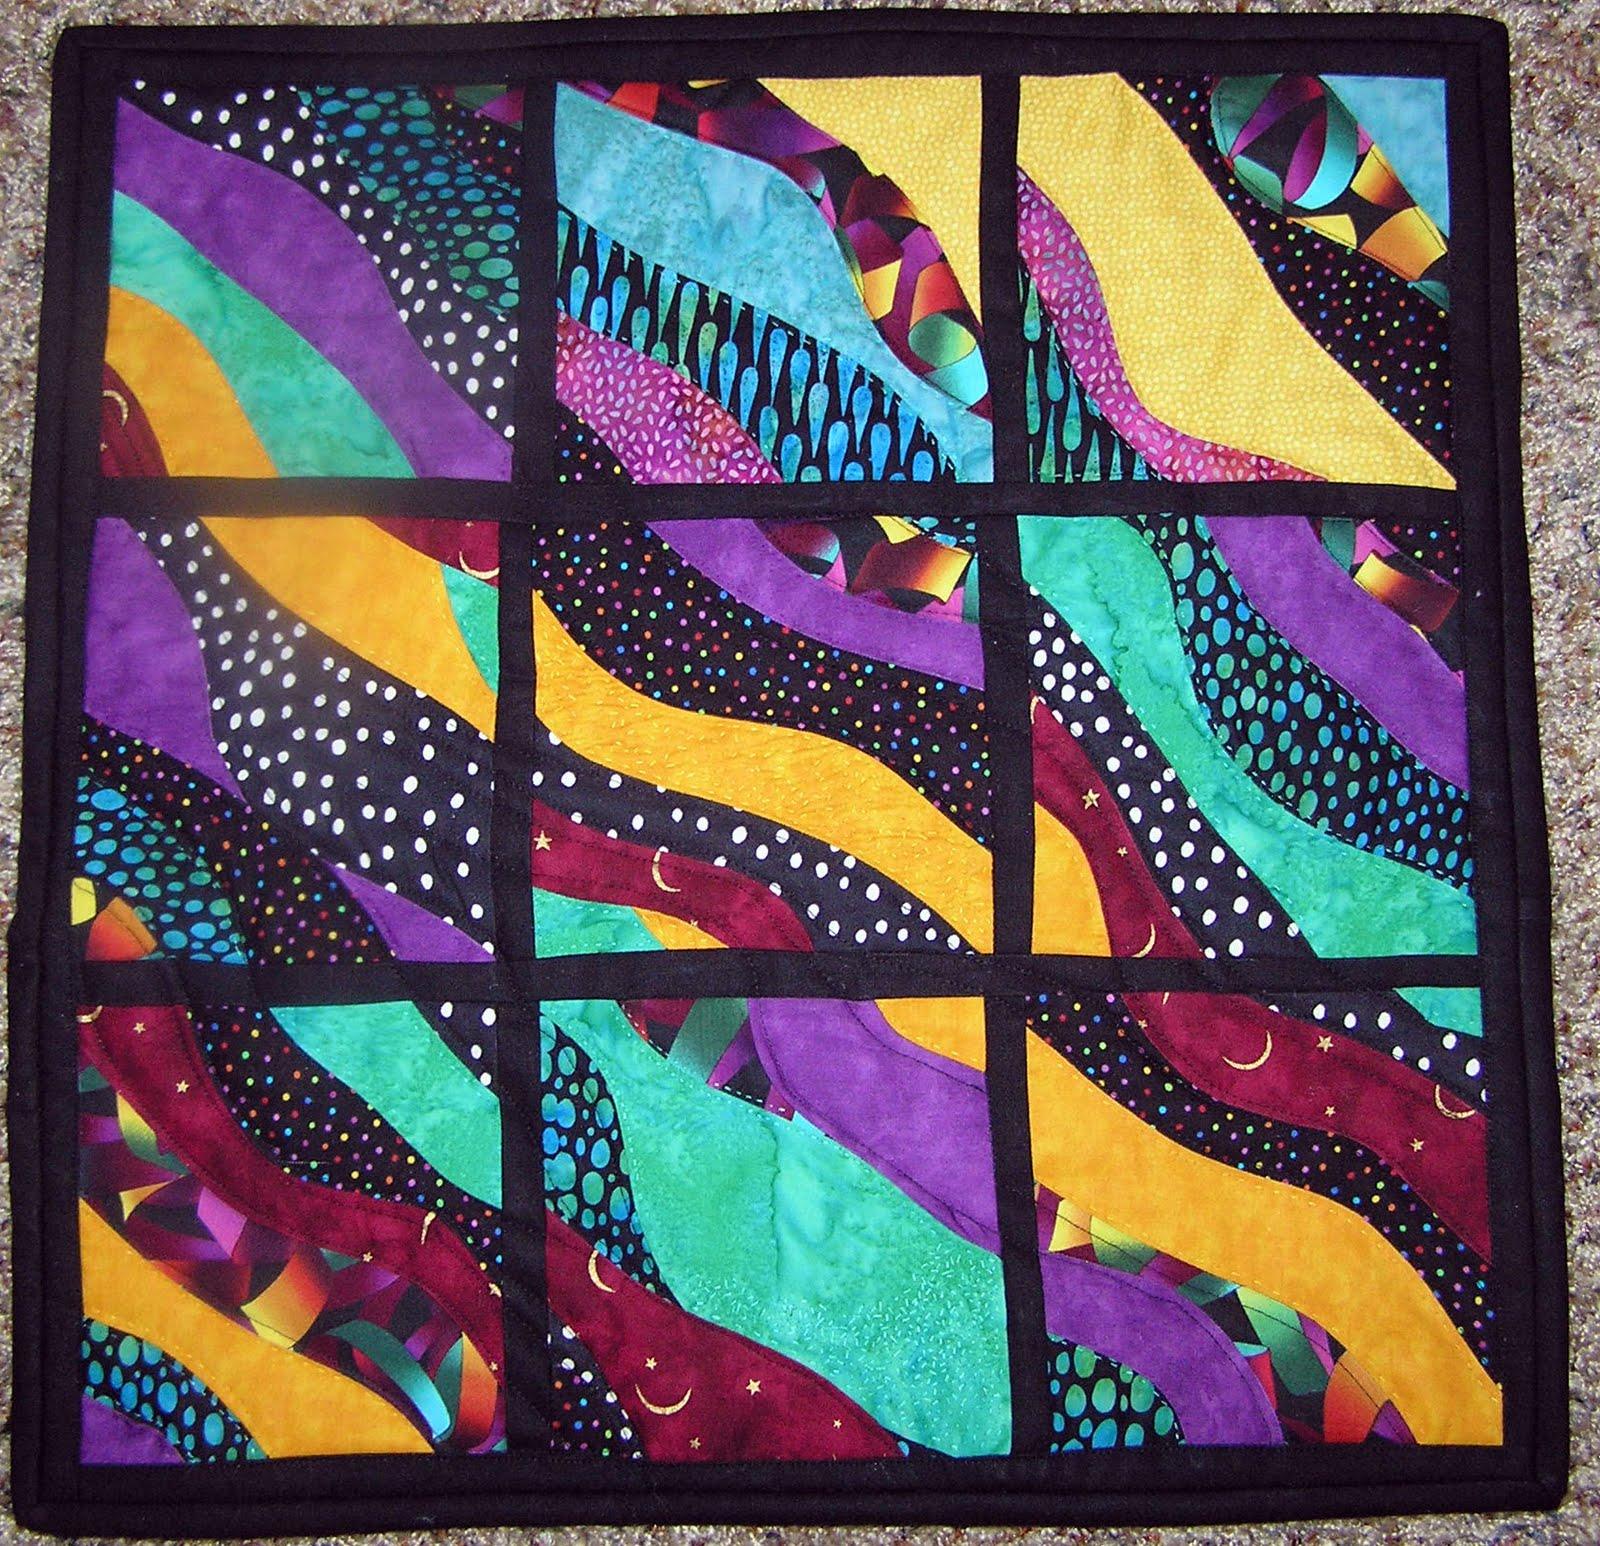 http://4.bp.blogspot.com/_bpVuFpuG7TA/TR9QsgwA2RI/AAAAAAAAAkw/-4f6zT-r0Mg/s1600/undulating%2Bcolors%2B0111.jpg